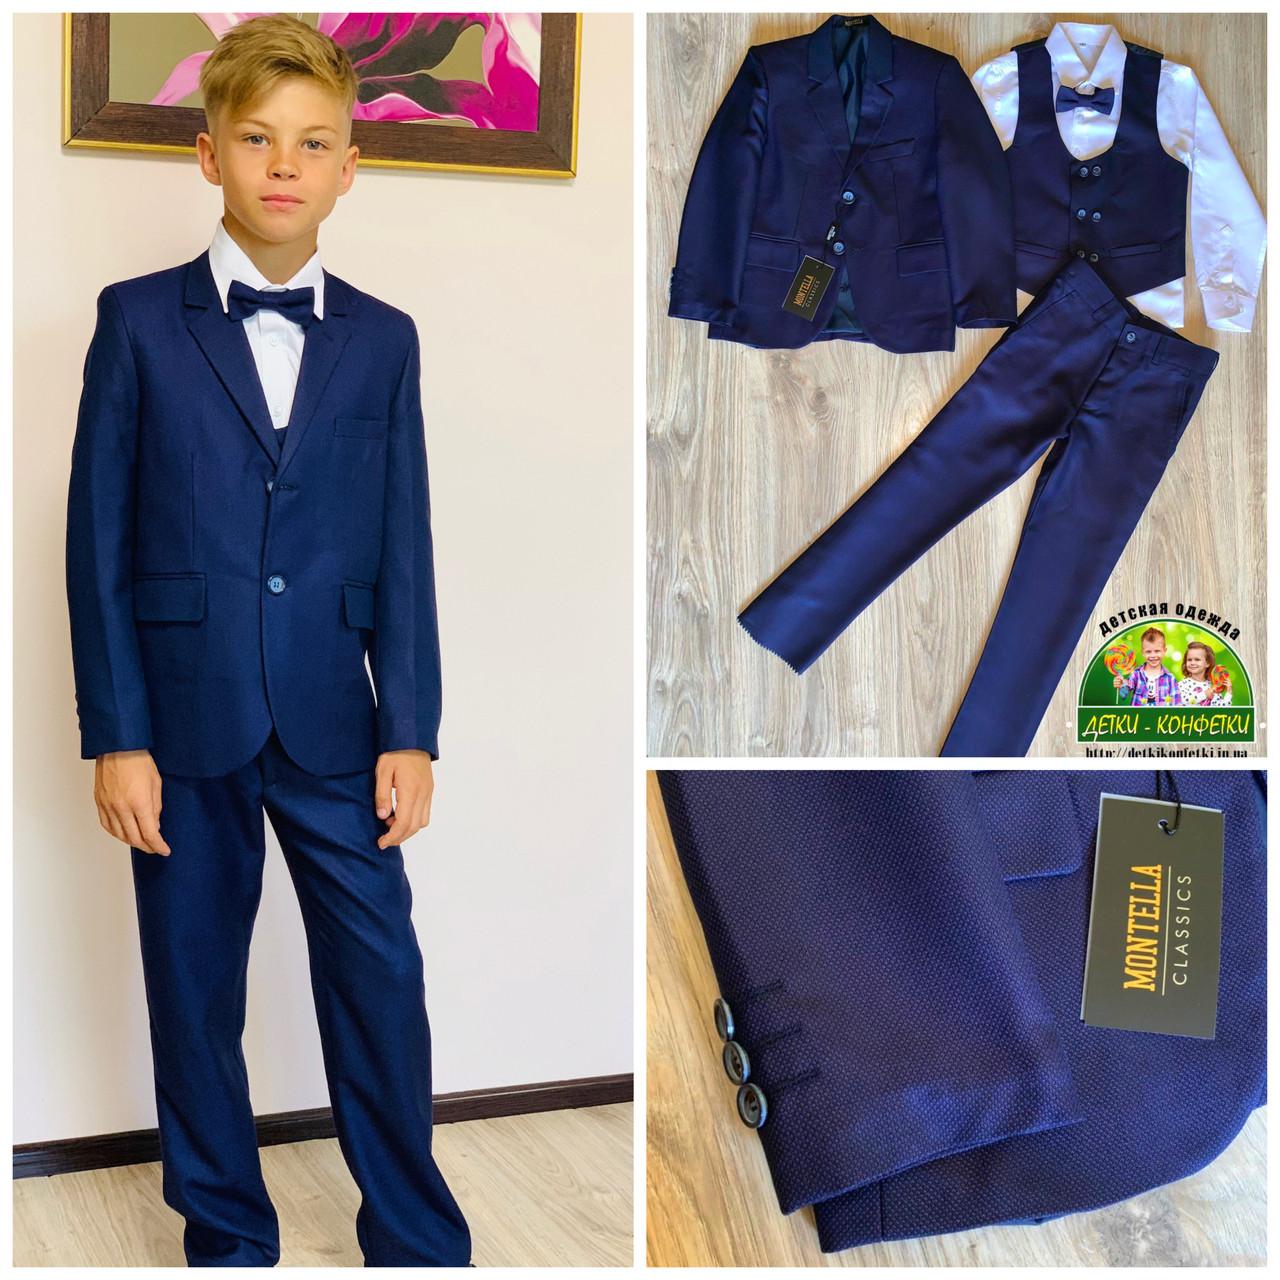 Стильный костюм Montella для мальчика в школу: пиджак, жилет, рубашка и брюки